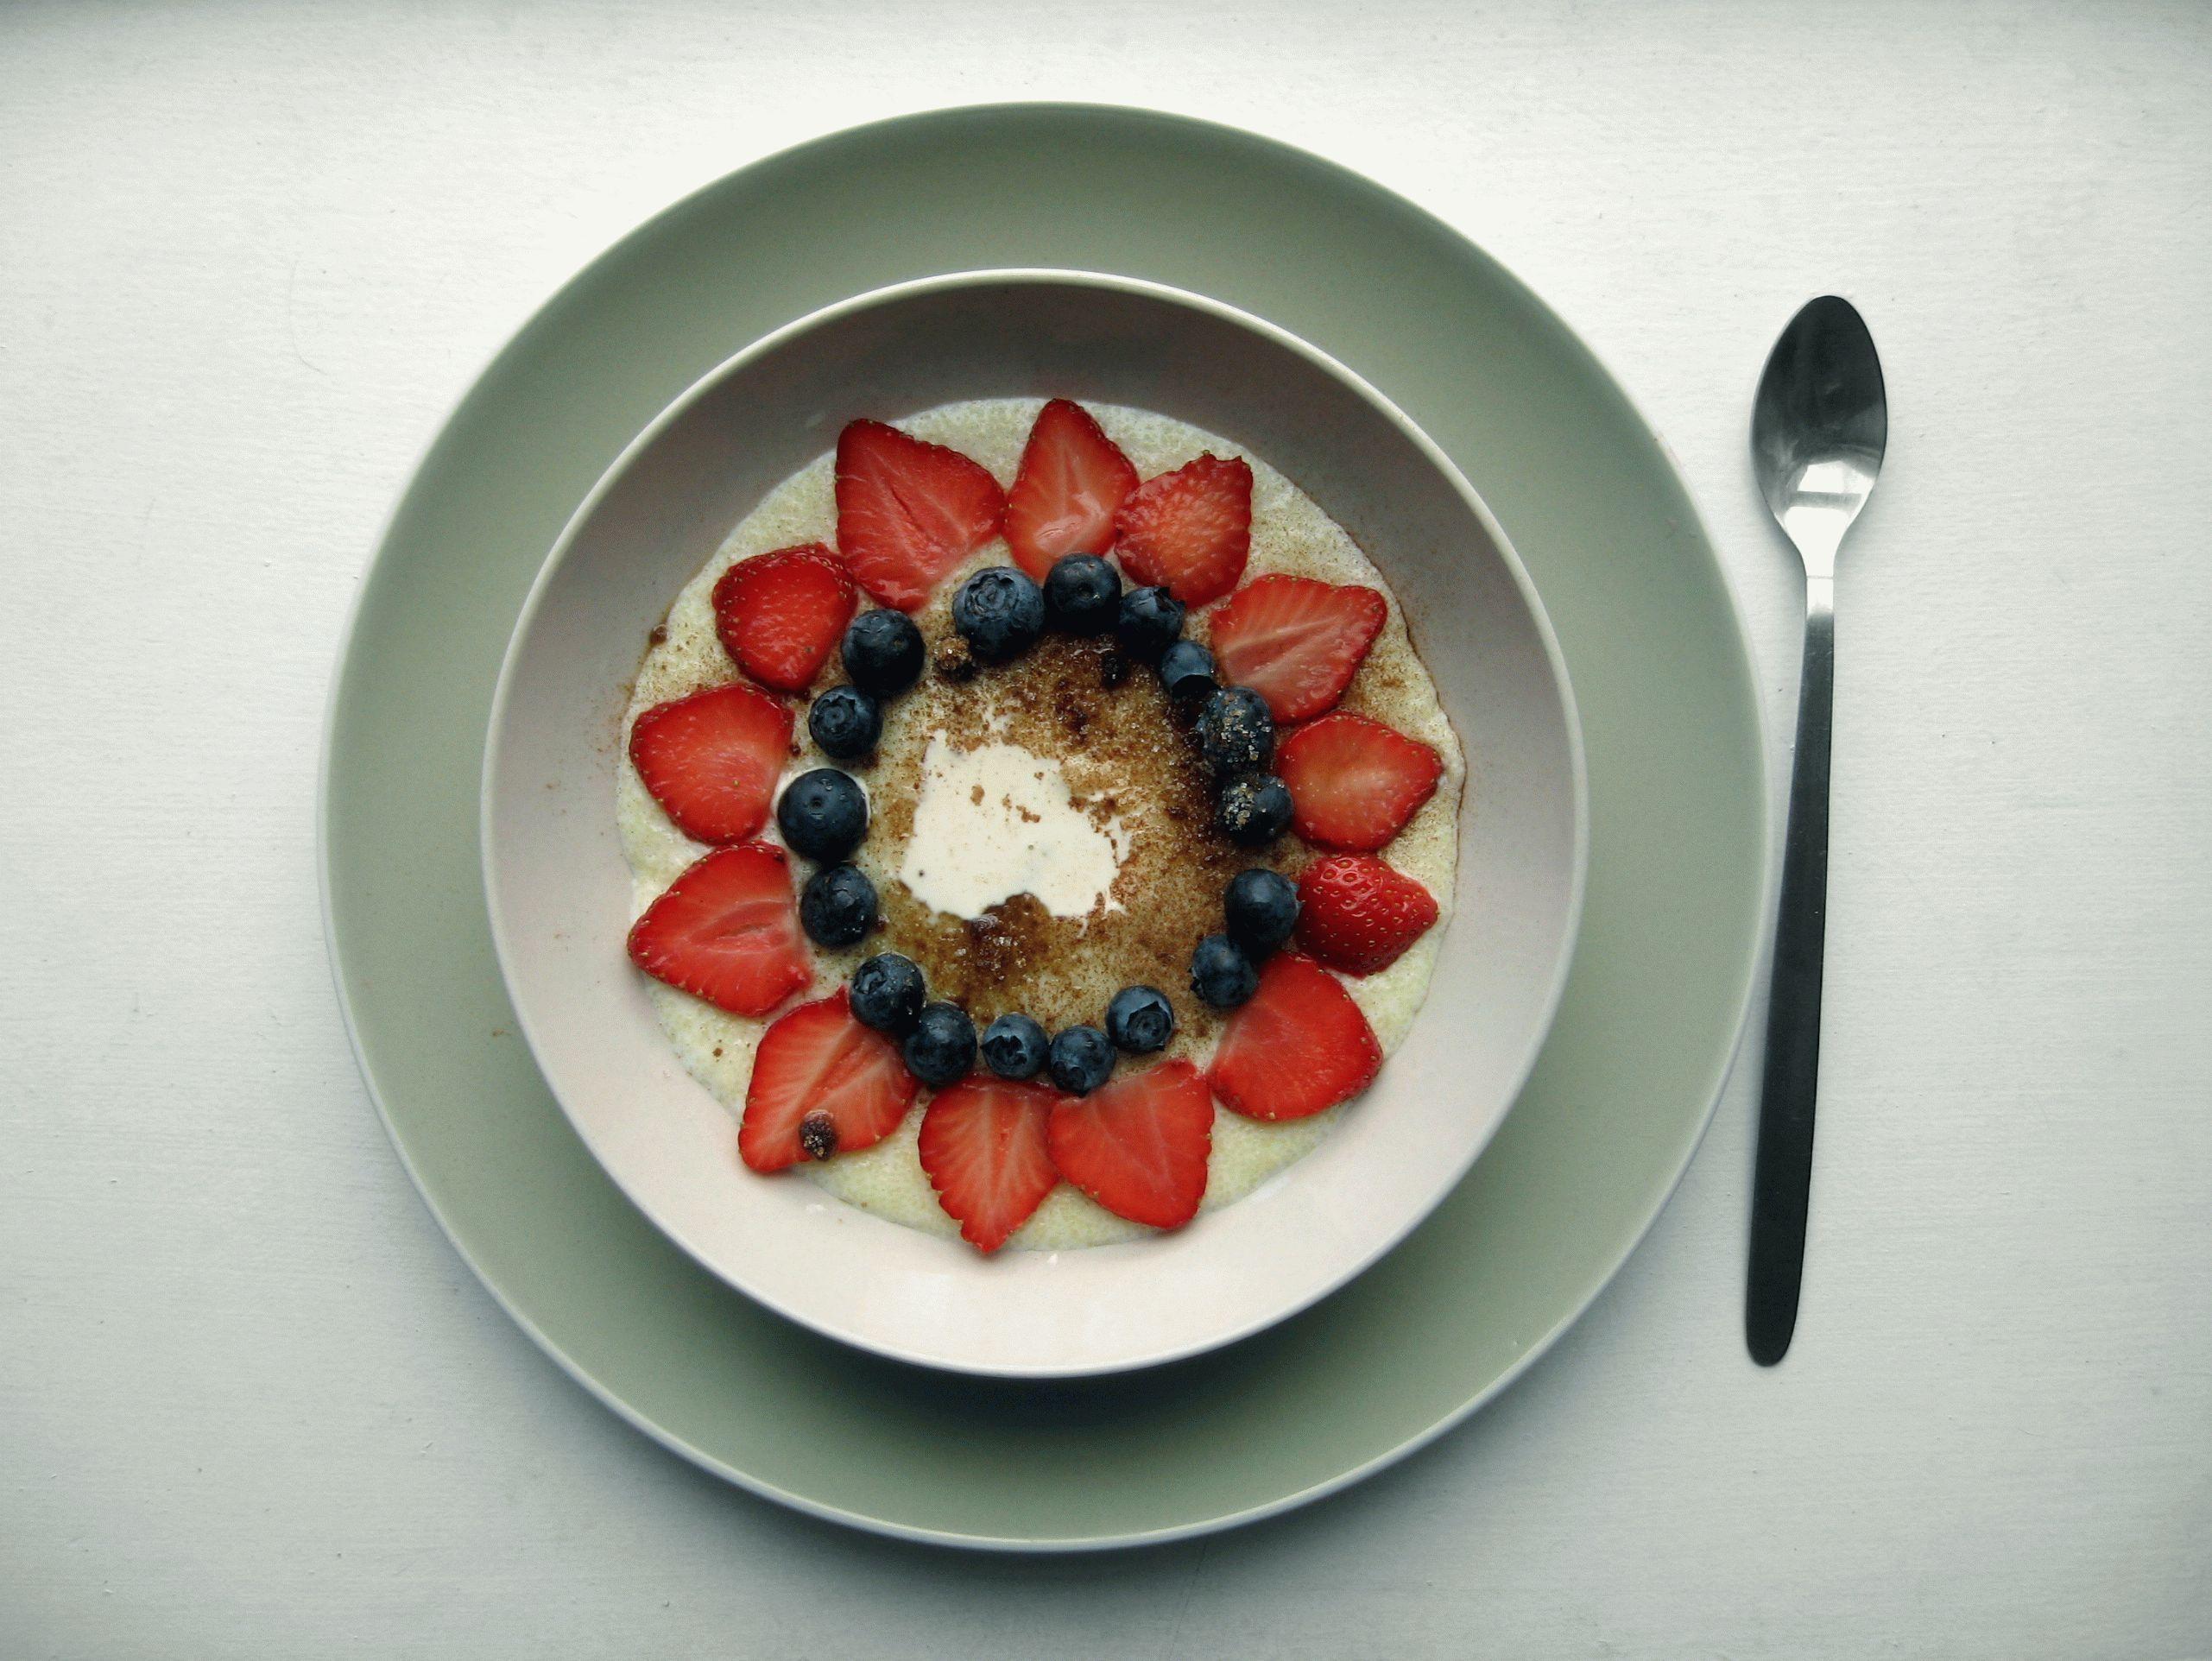 диетическое питание для похудения меню на неделю